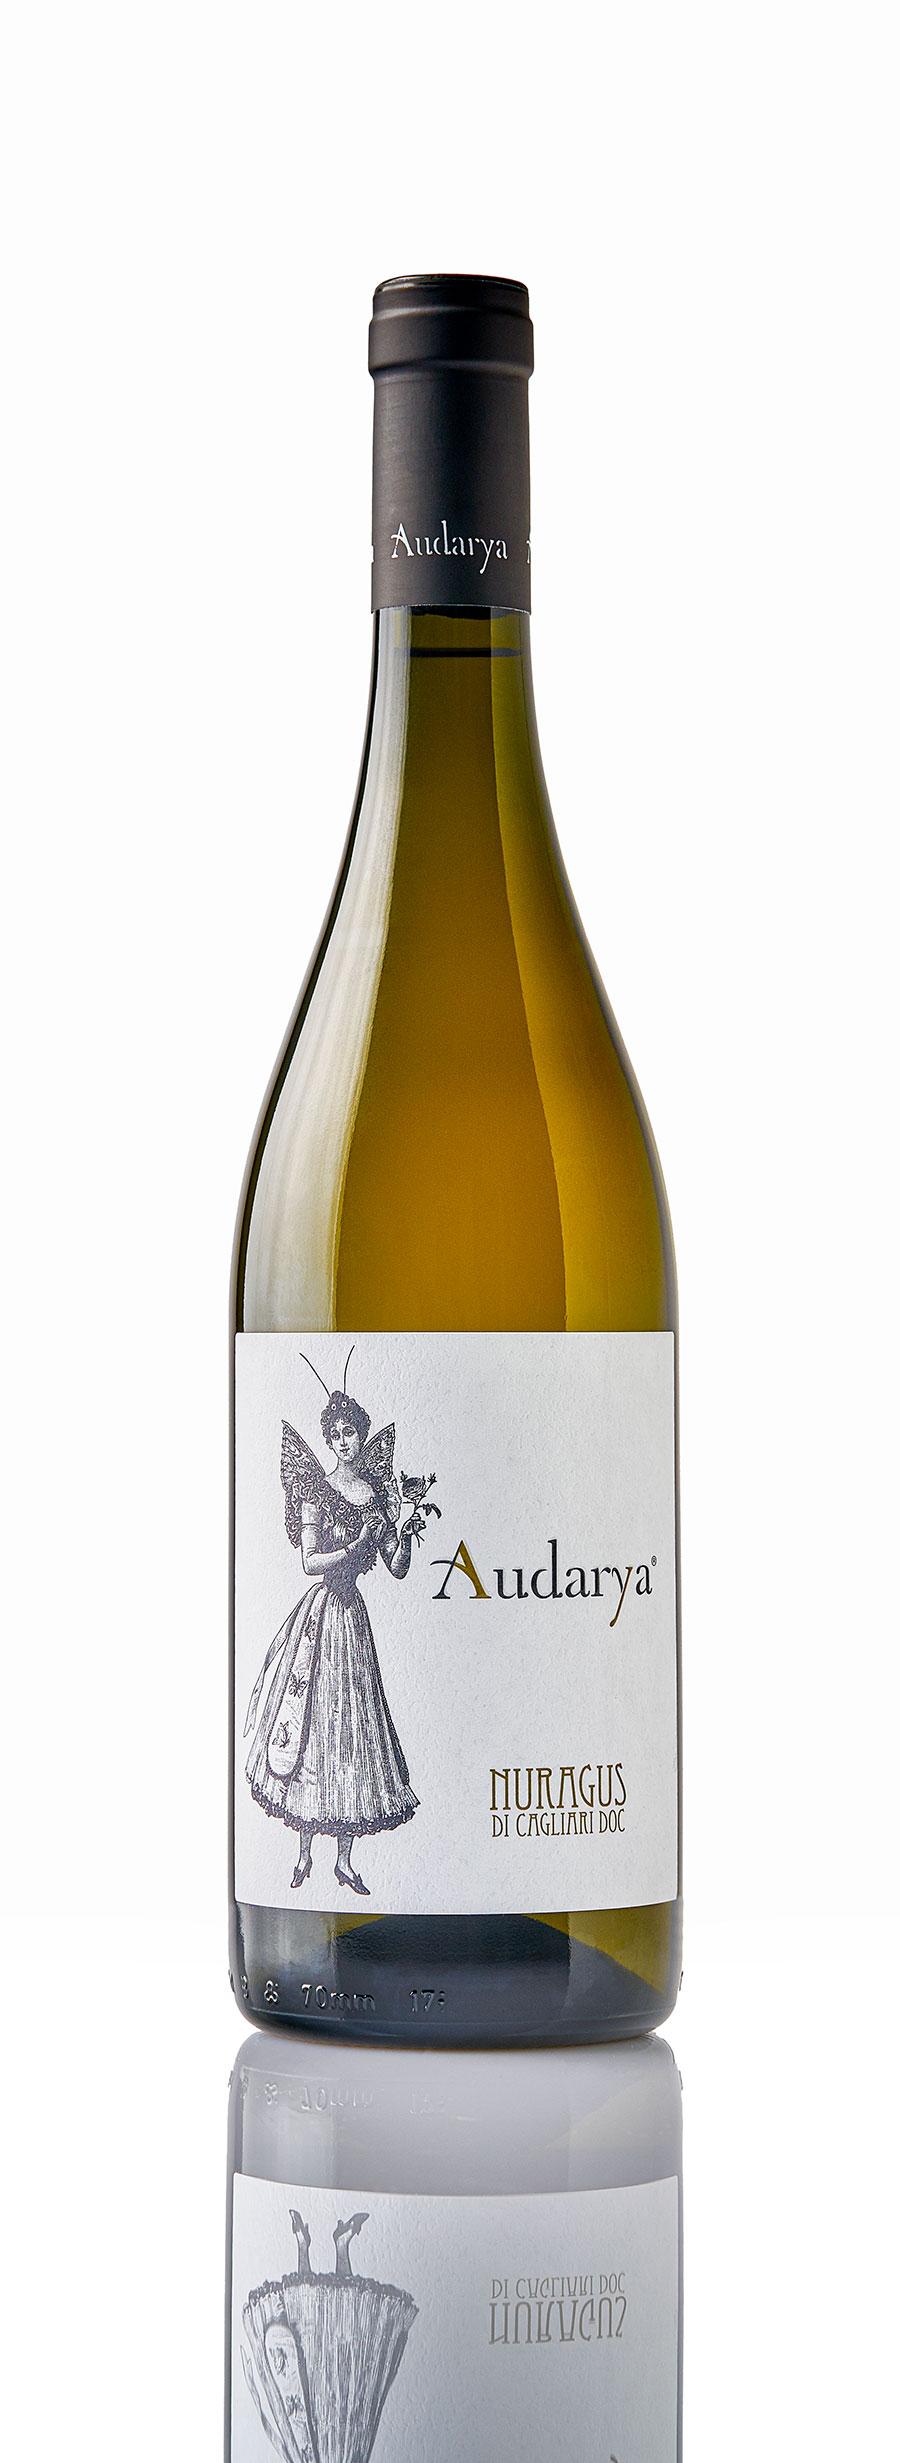 Audarya - Viticoltori in Sardegna - Nuragus - Nuragus di Cagliari DOC